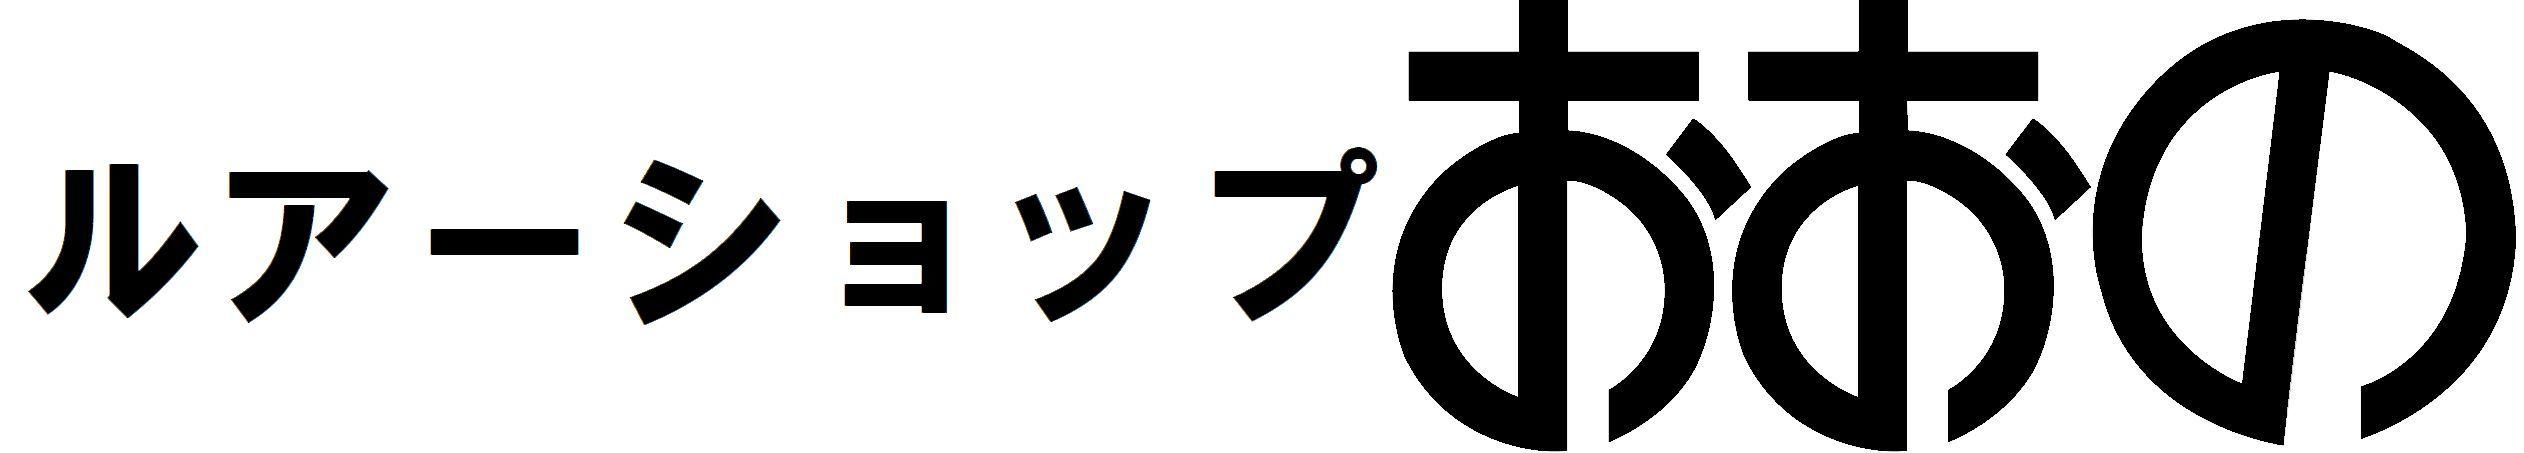 [雷魚]フォトダ―ビーエントリーフィッシュの受付について_a0153216_16205510.jpg